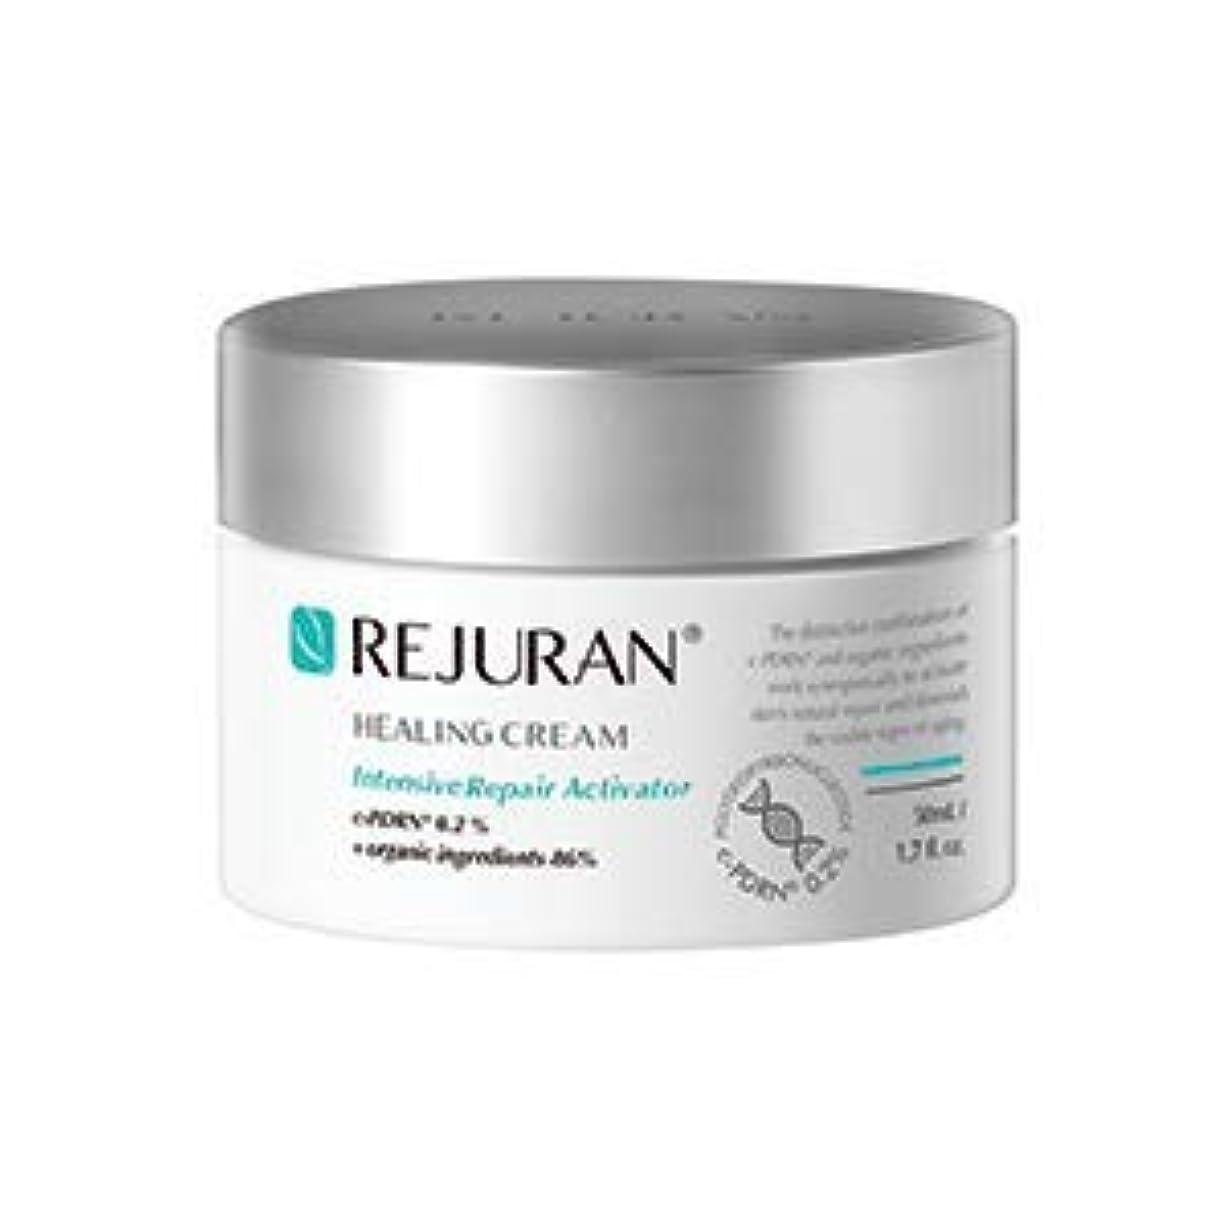 圧縮された従来の論文[ 皮膚科最高級ブランド ] リジュラン ヒーリング クリーム 50ml.(シワ改善機能性)REJURAN Healin Cream 50ml. X Healing Mask 2p